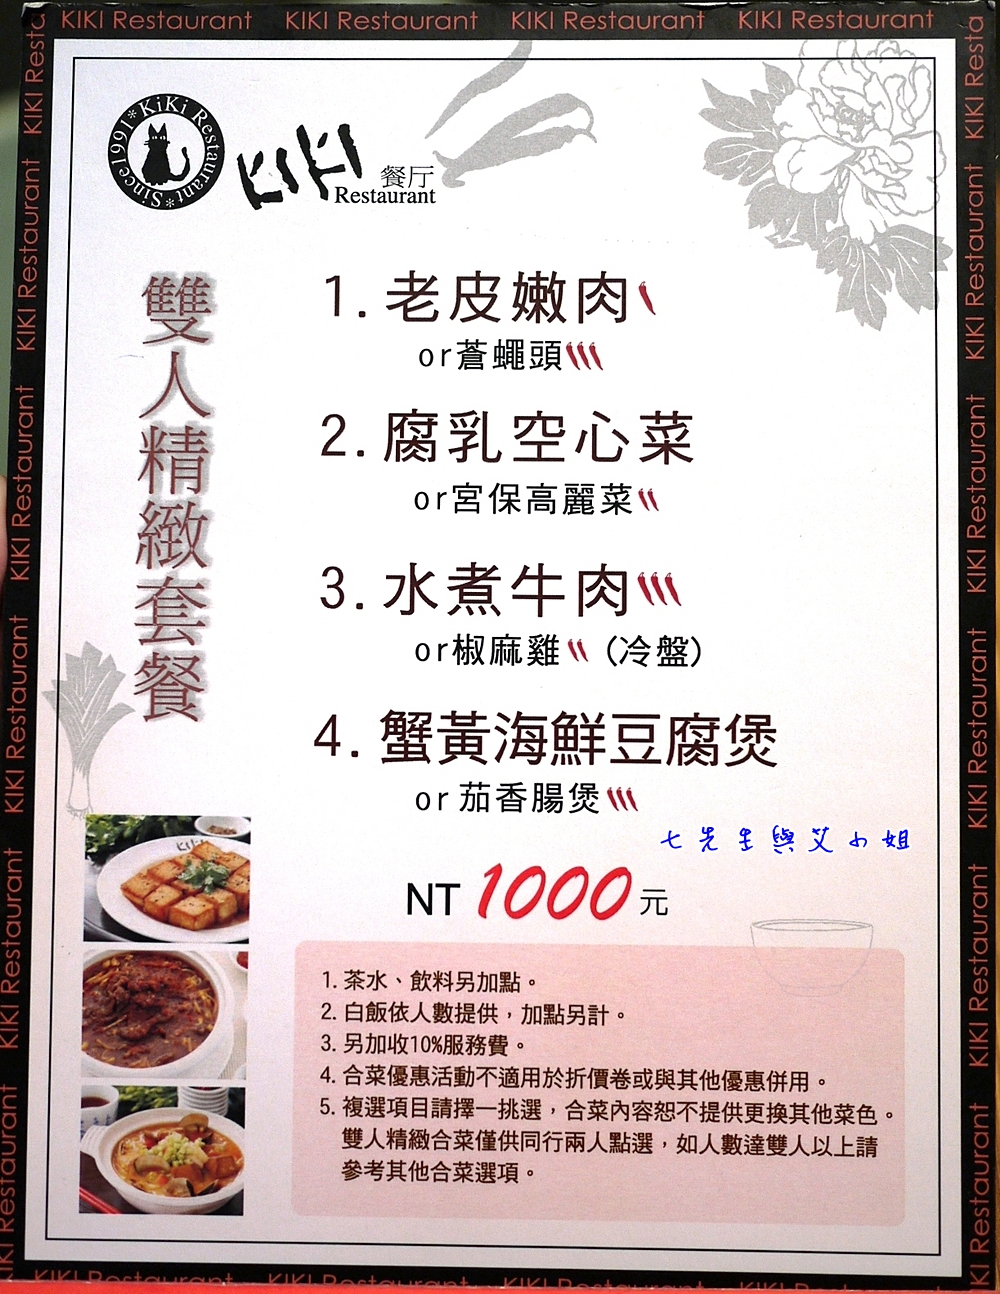 2 菜單一